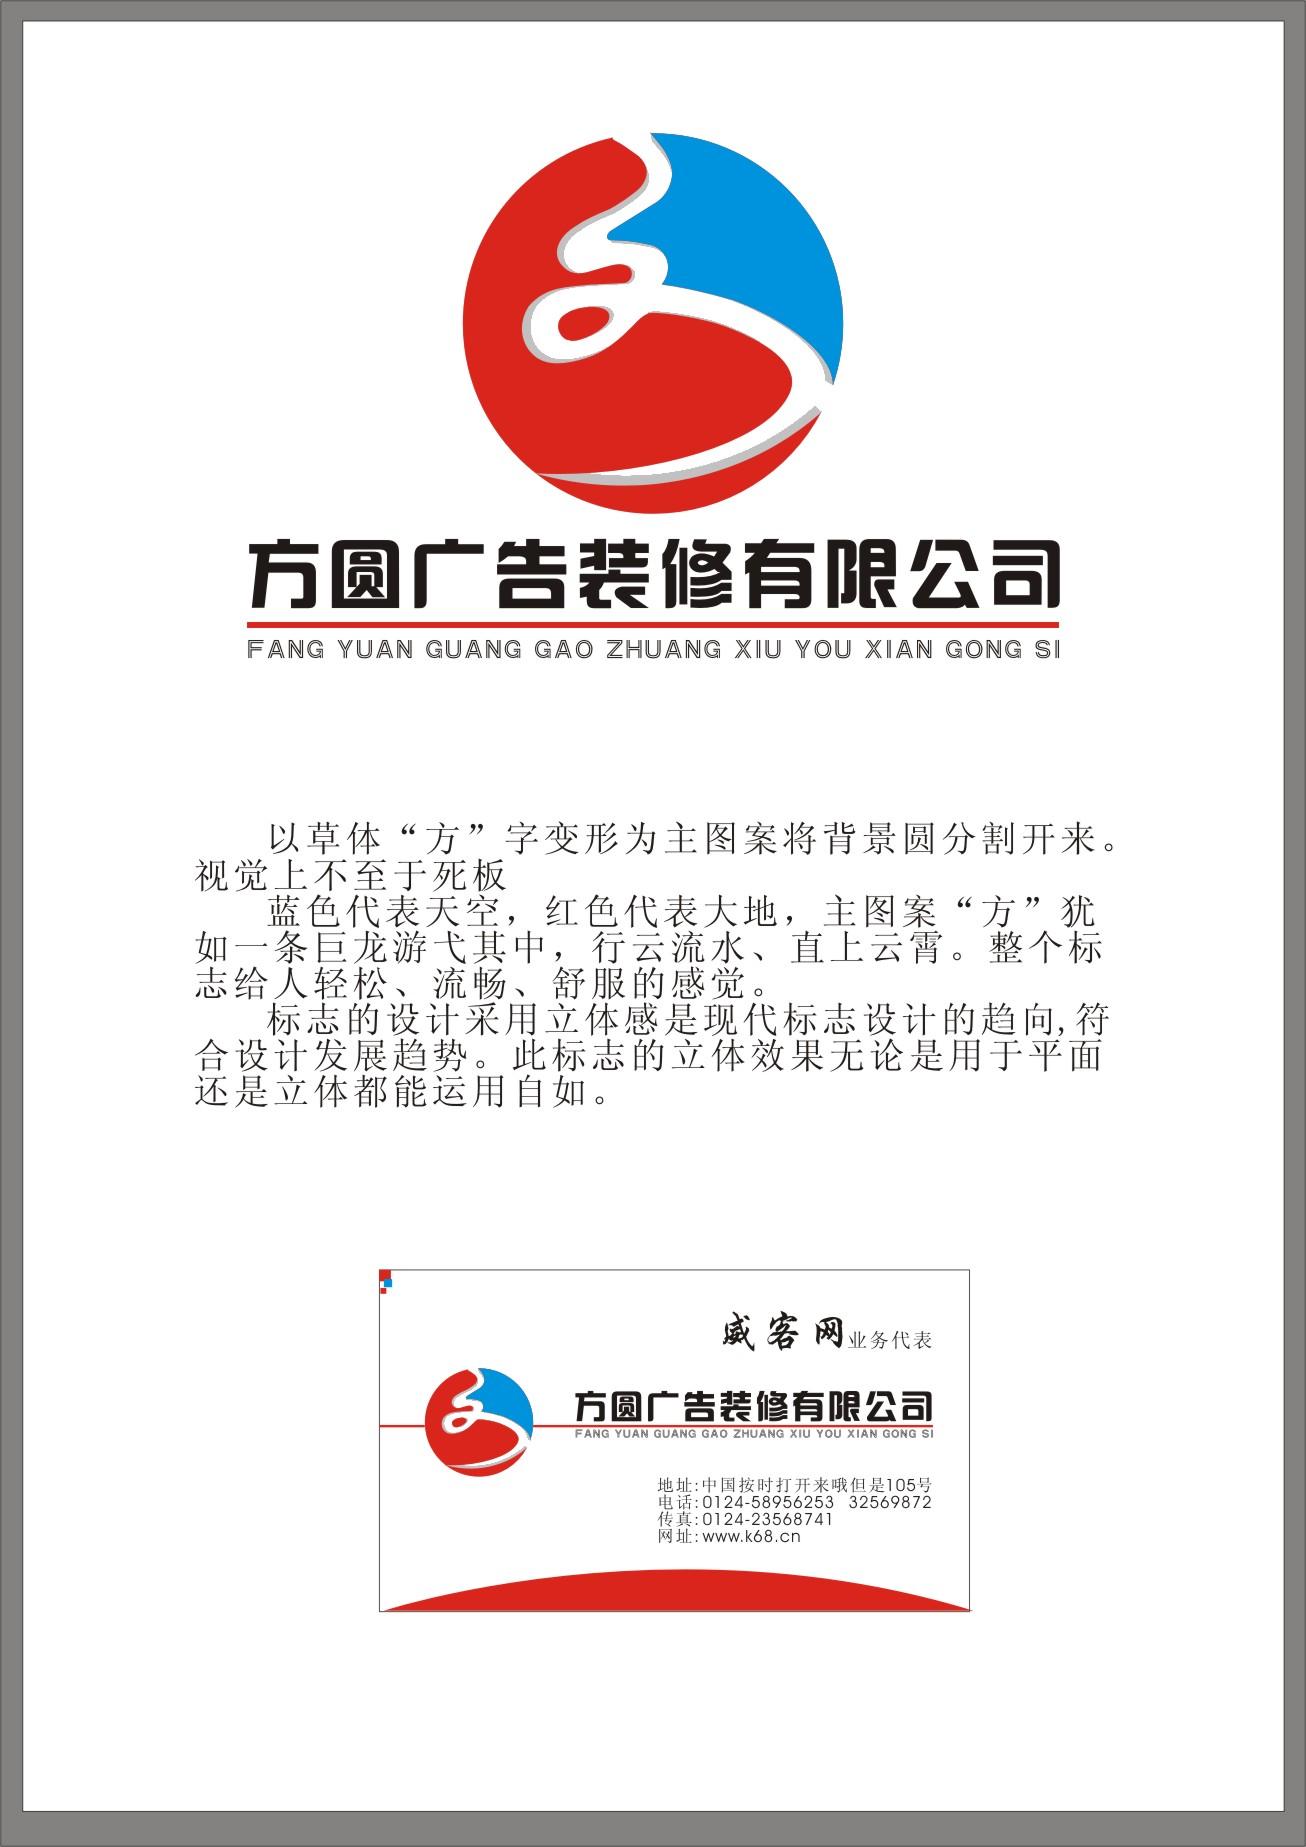 方圆广告装修公司logo及名片设计(投票:梦林,mghj521)